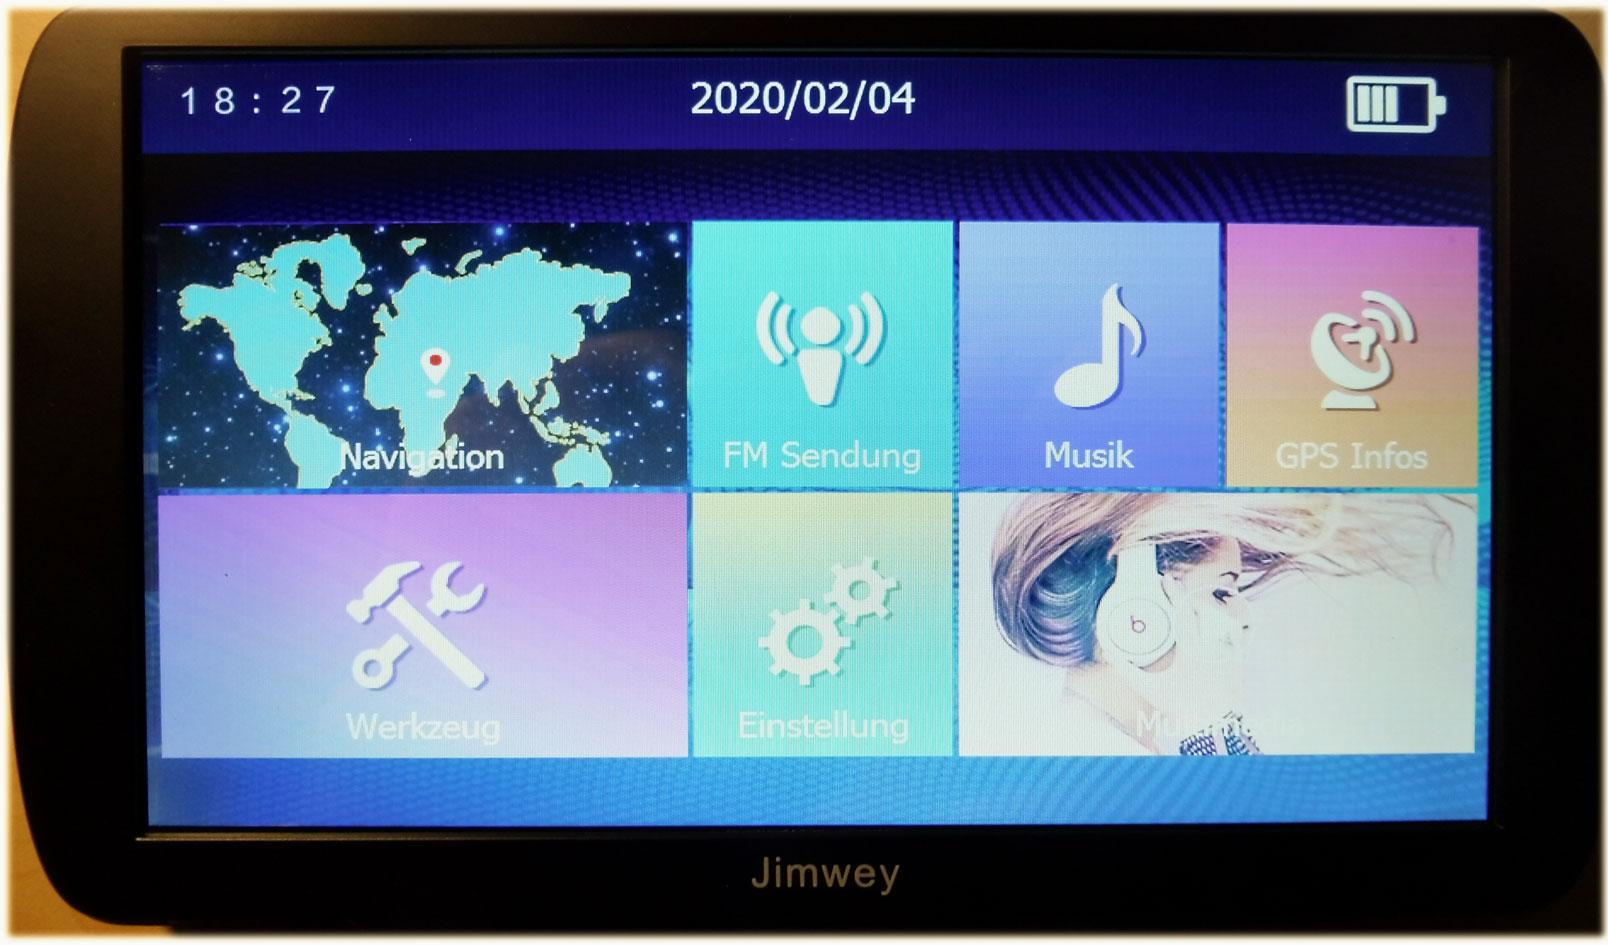 Jimwey-Hauptmenue